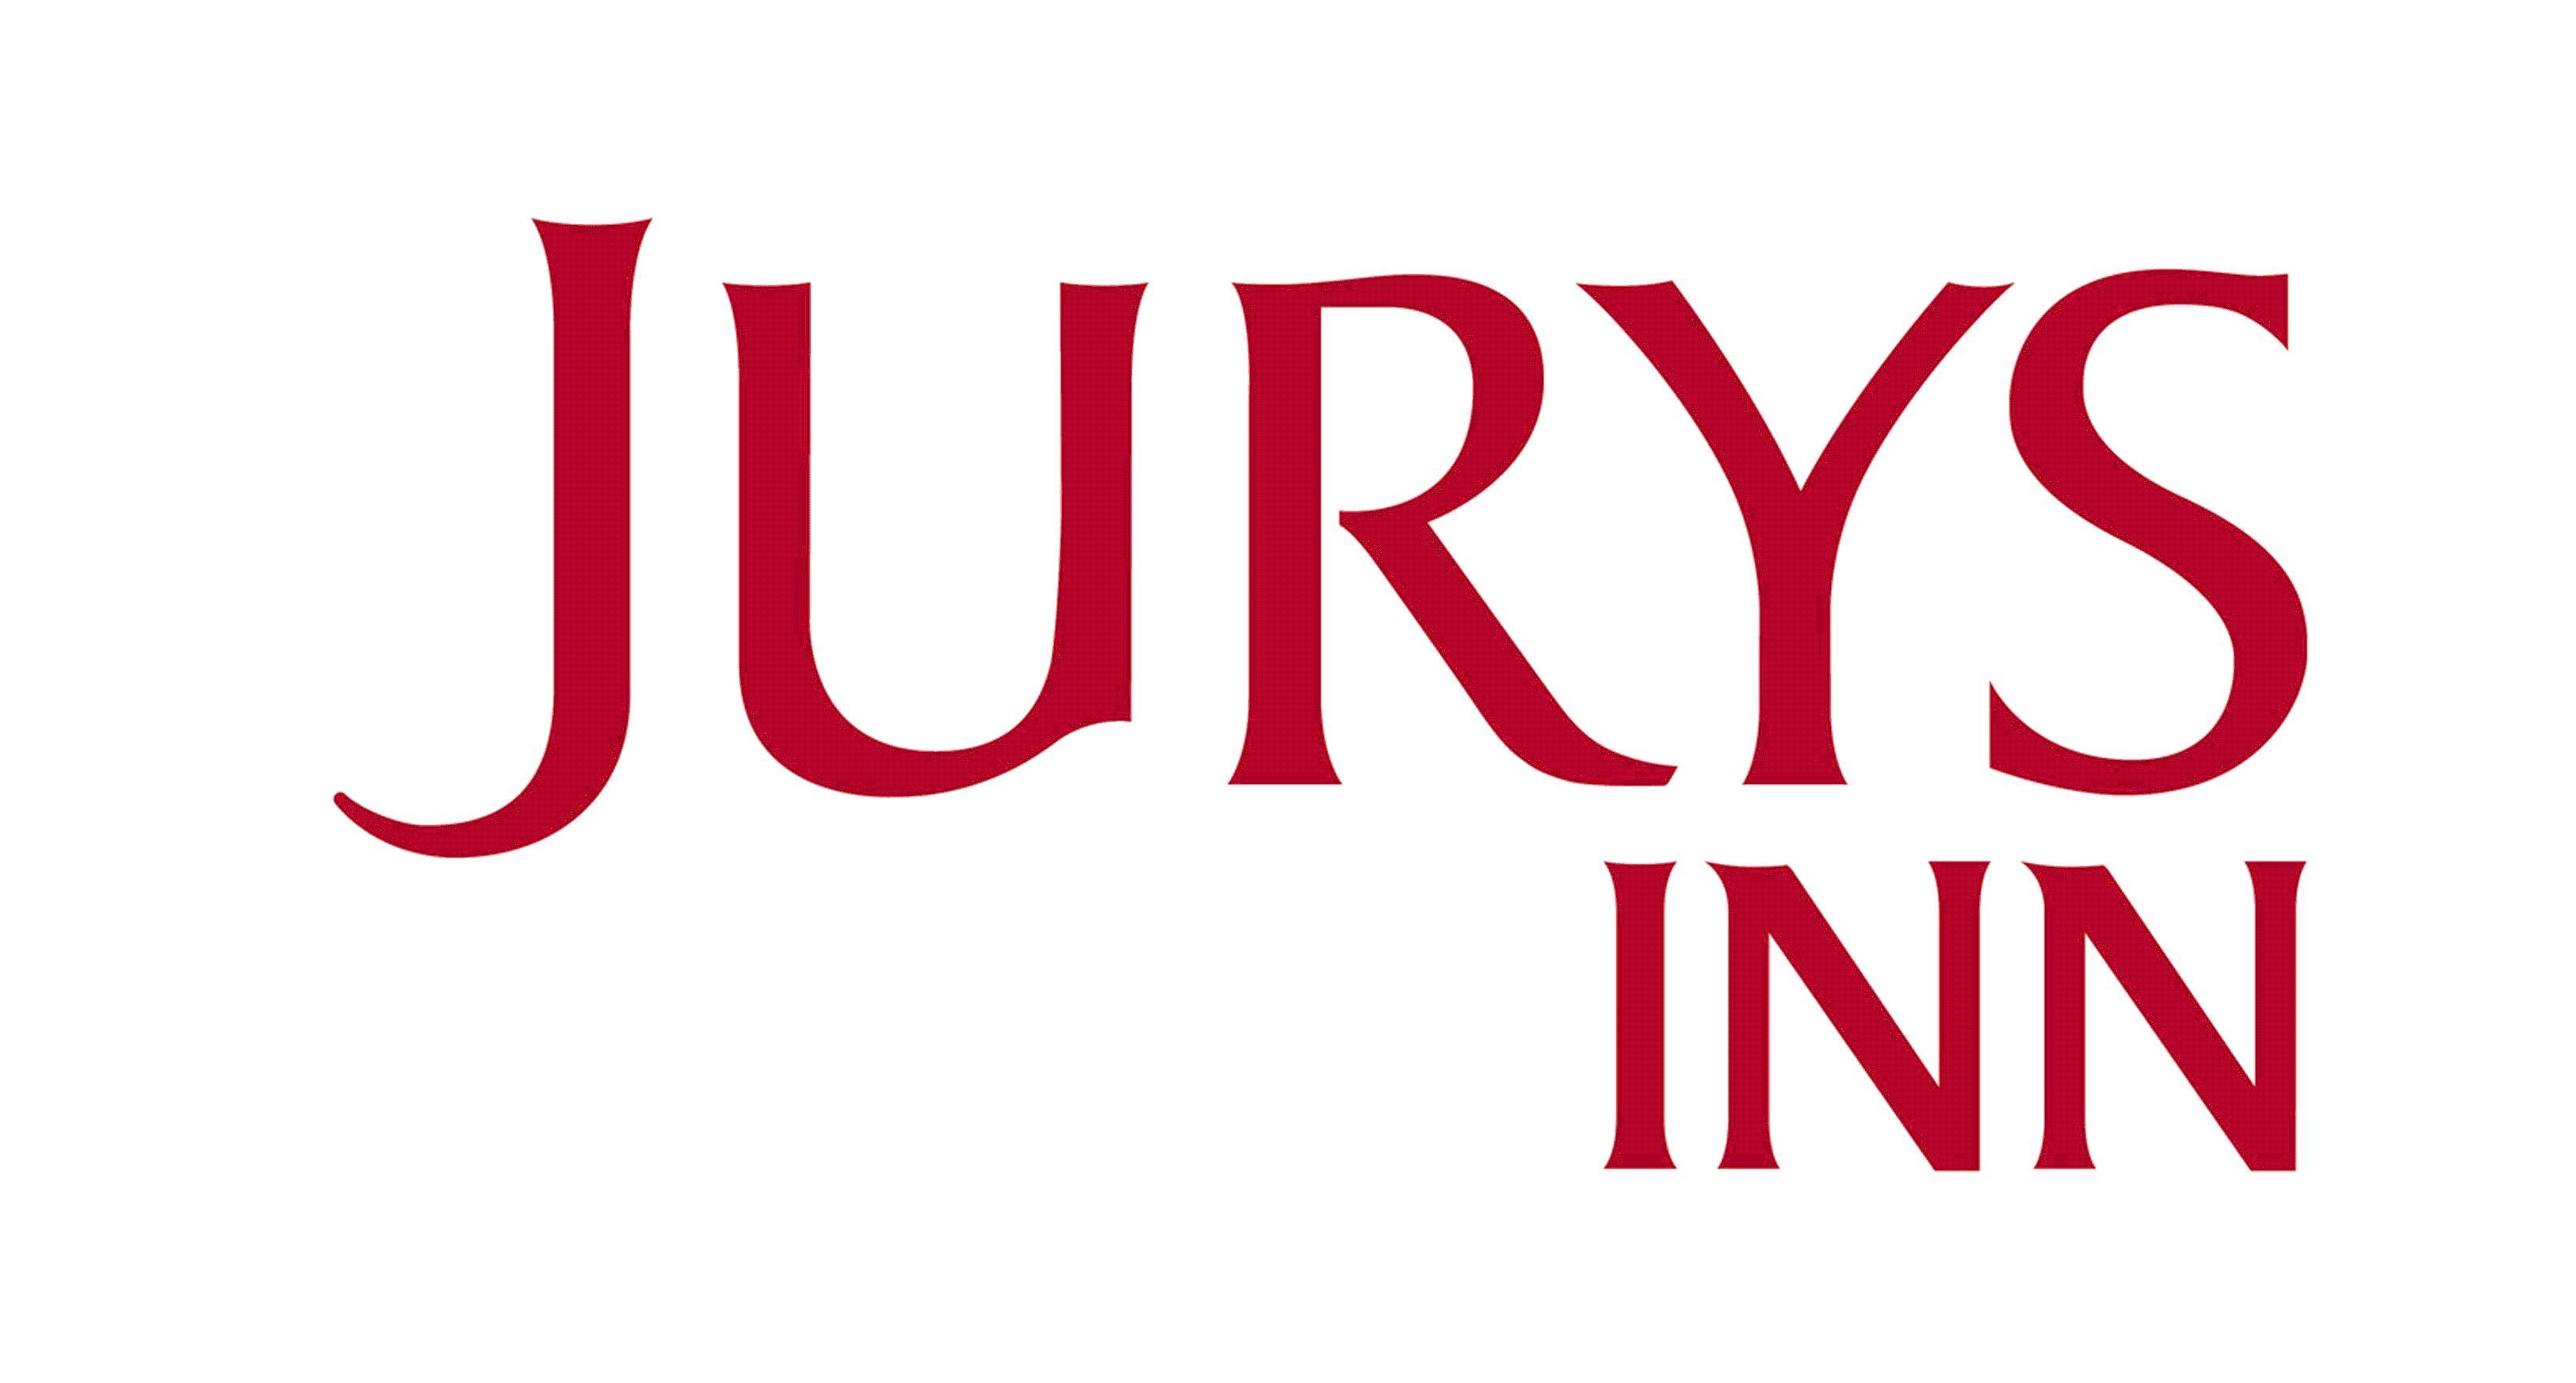 Jurys Inn logo